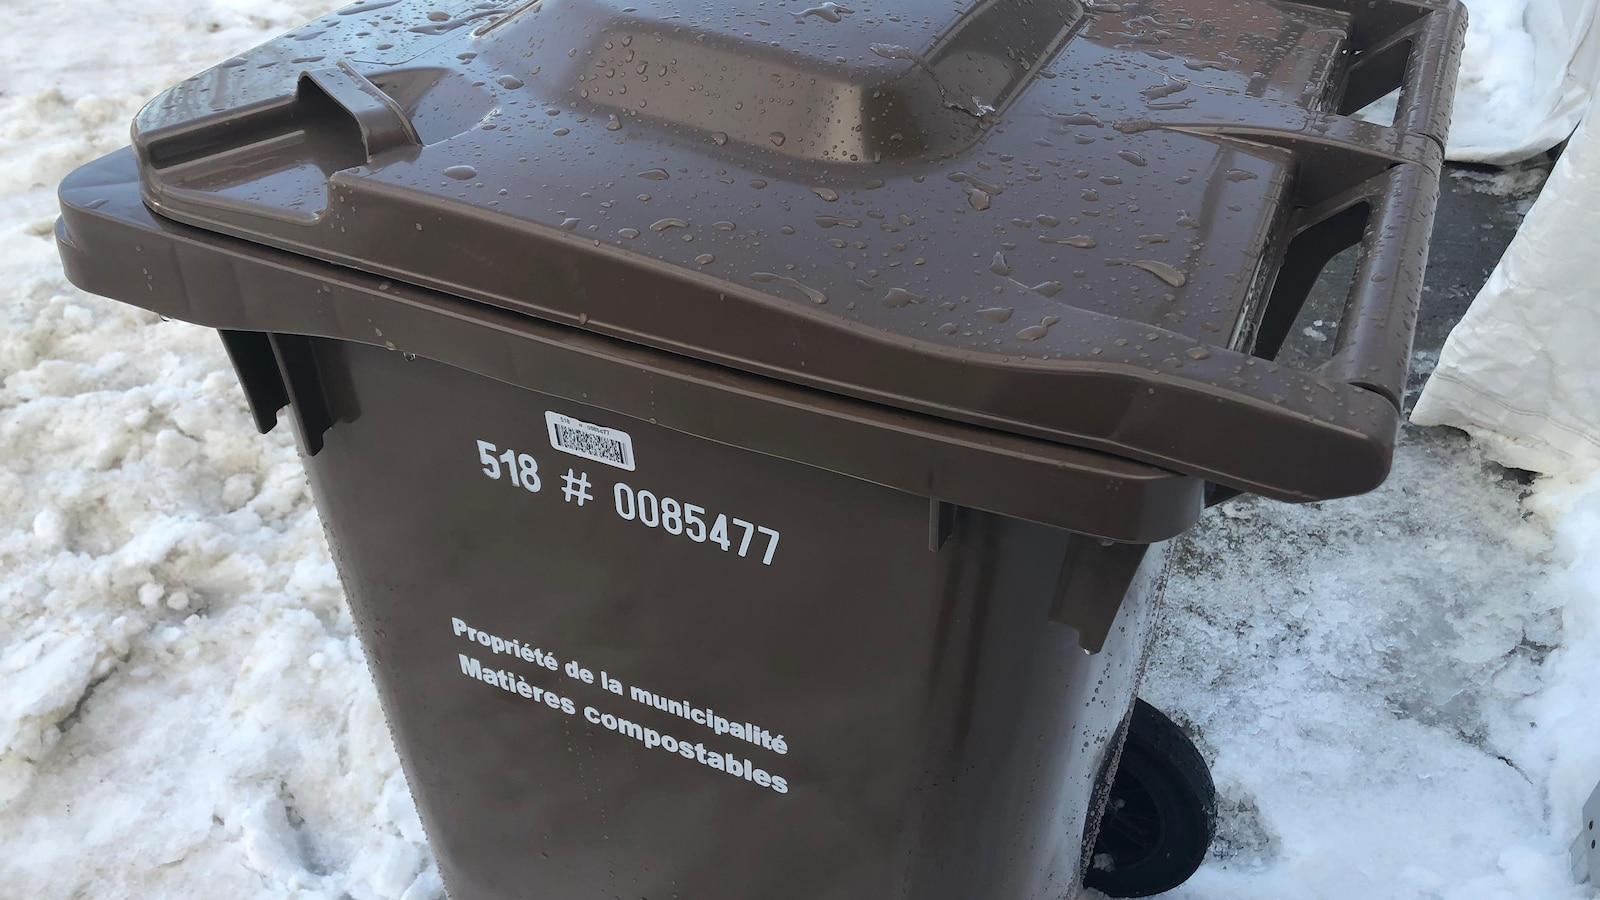 Un bac de compostage de la Ville de Rimouski.